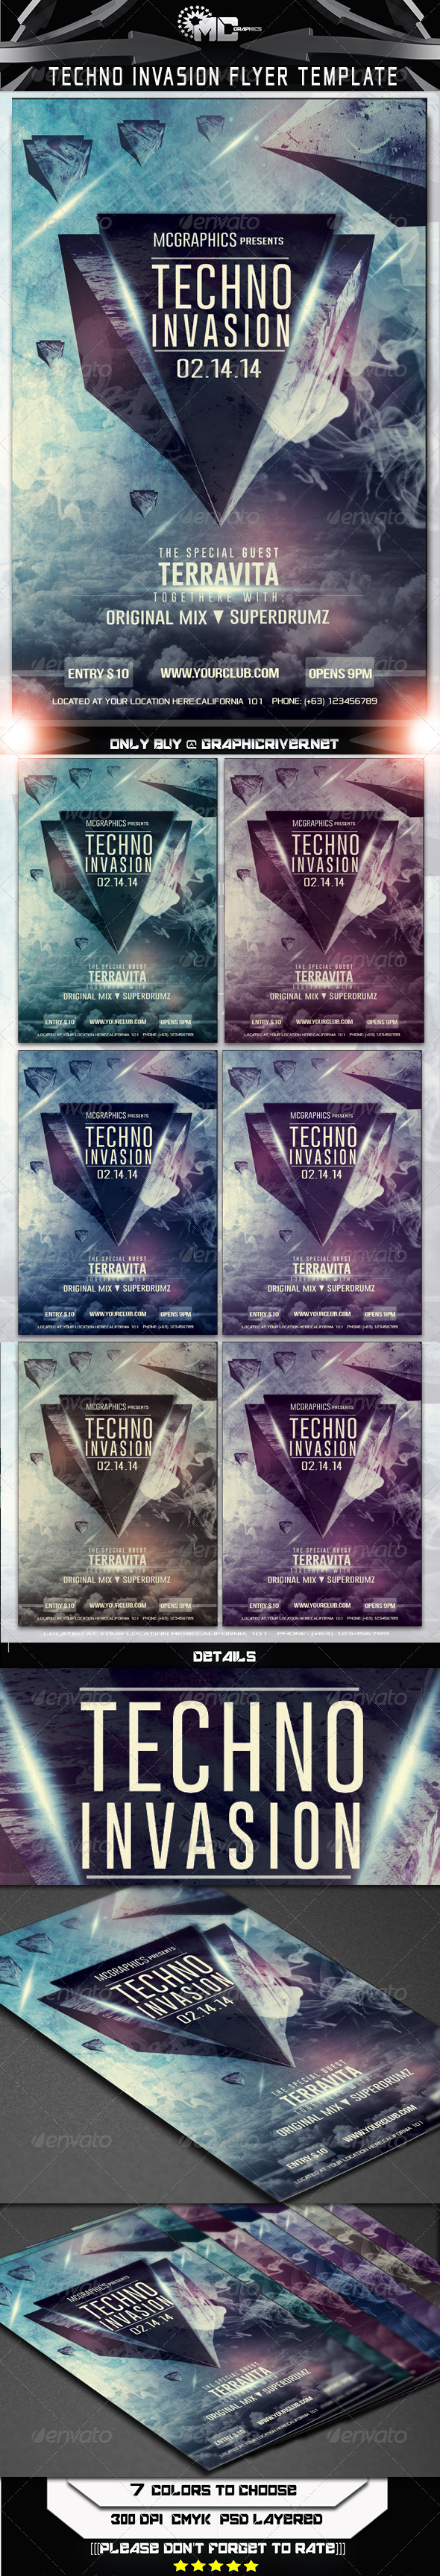 GraphicRiver Techno Invasion Flyer Template 6597107